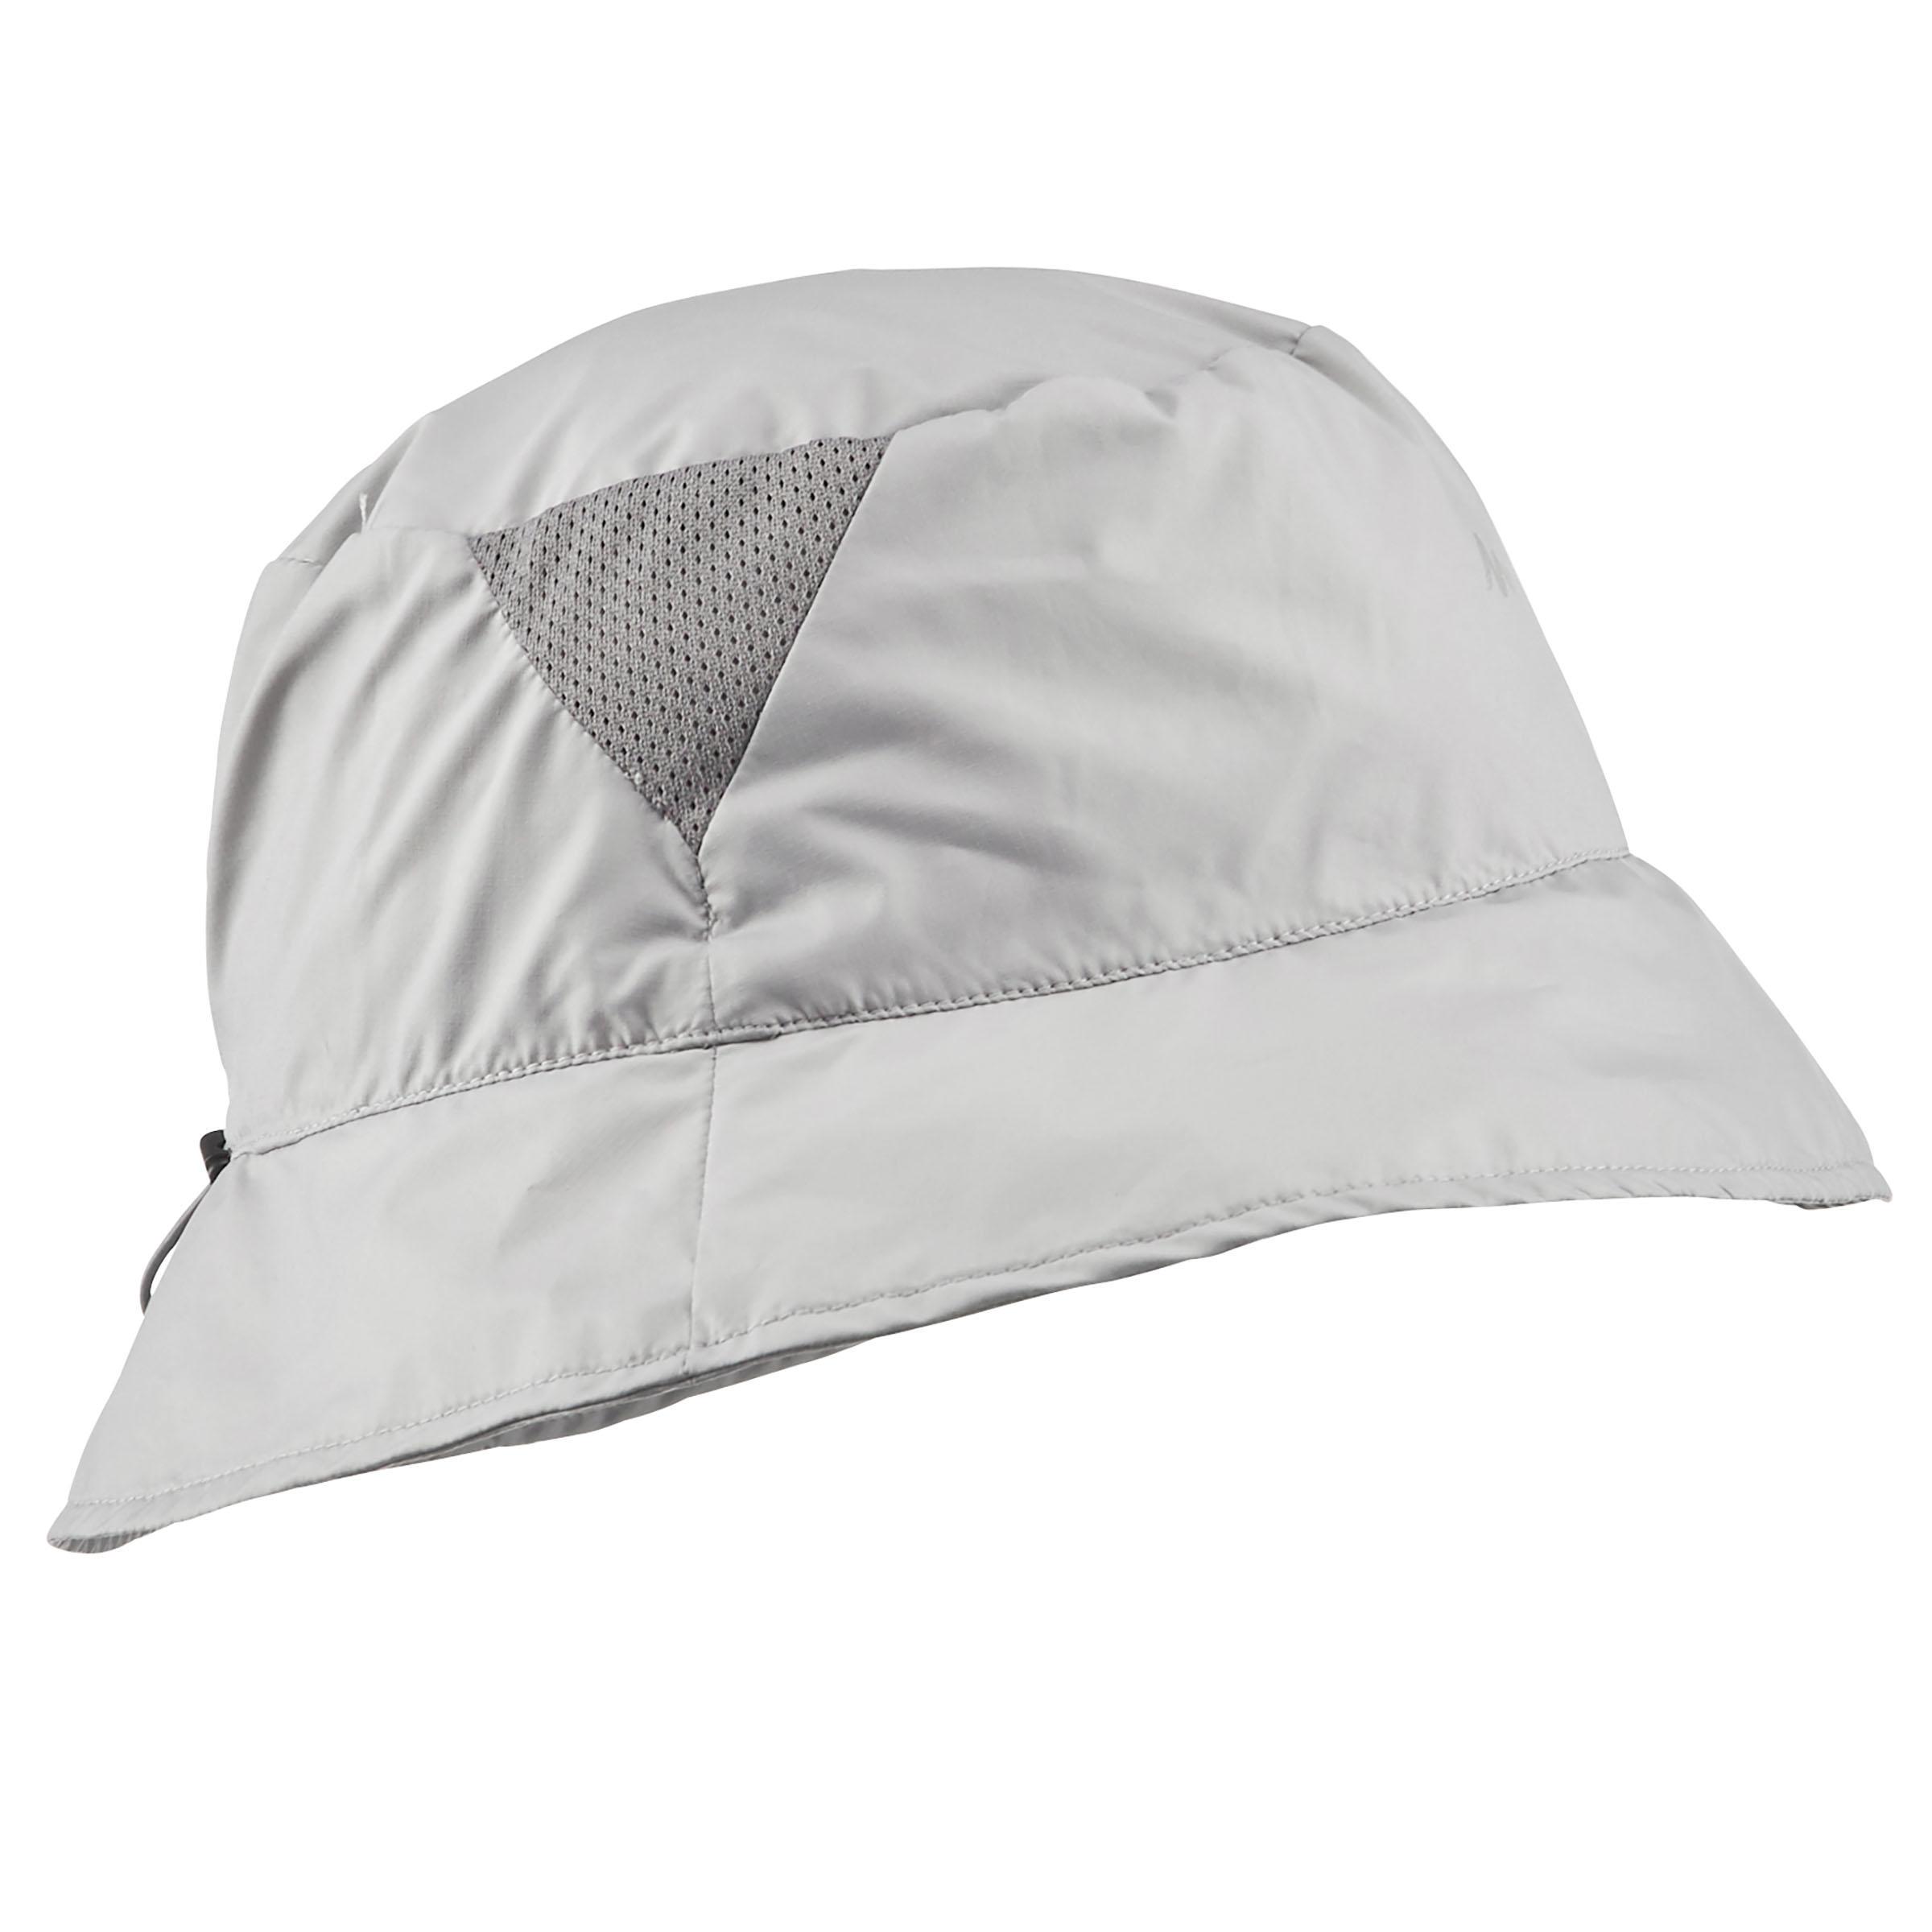 หมวกกันแดดสำหรับการ...